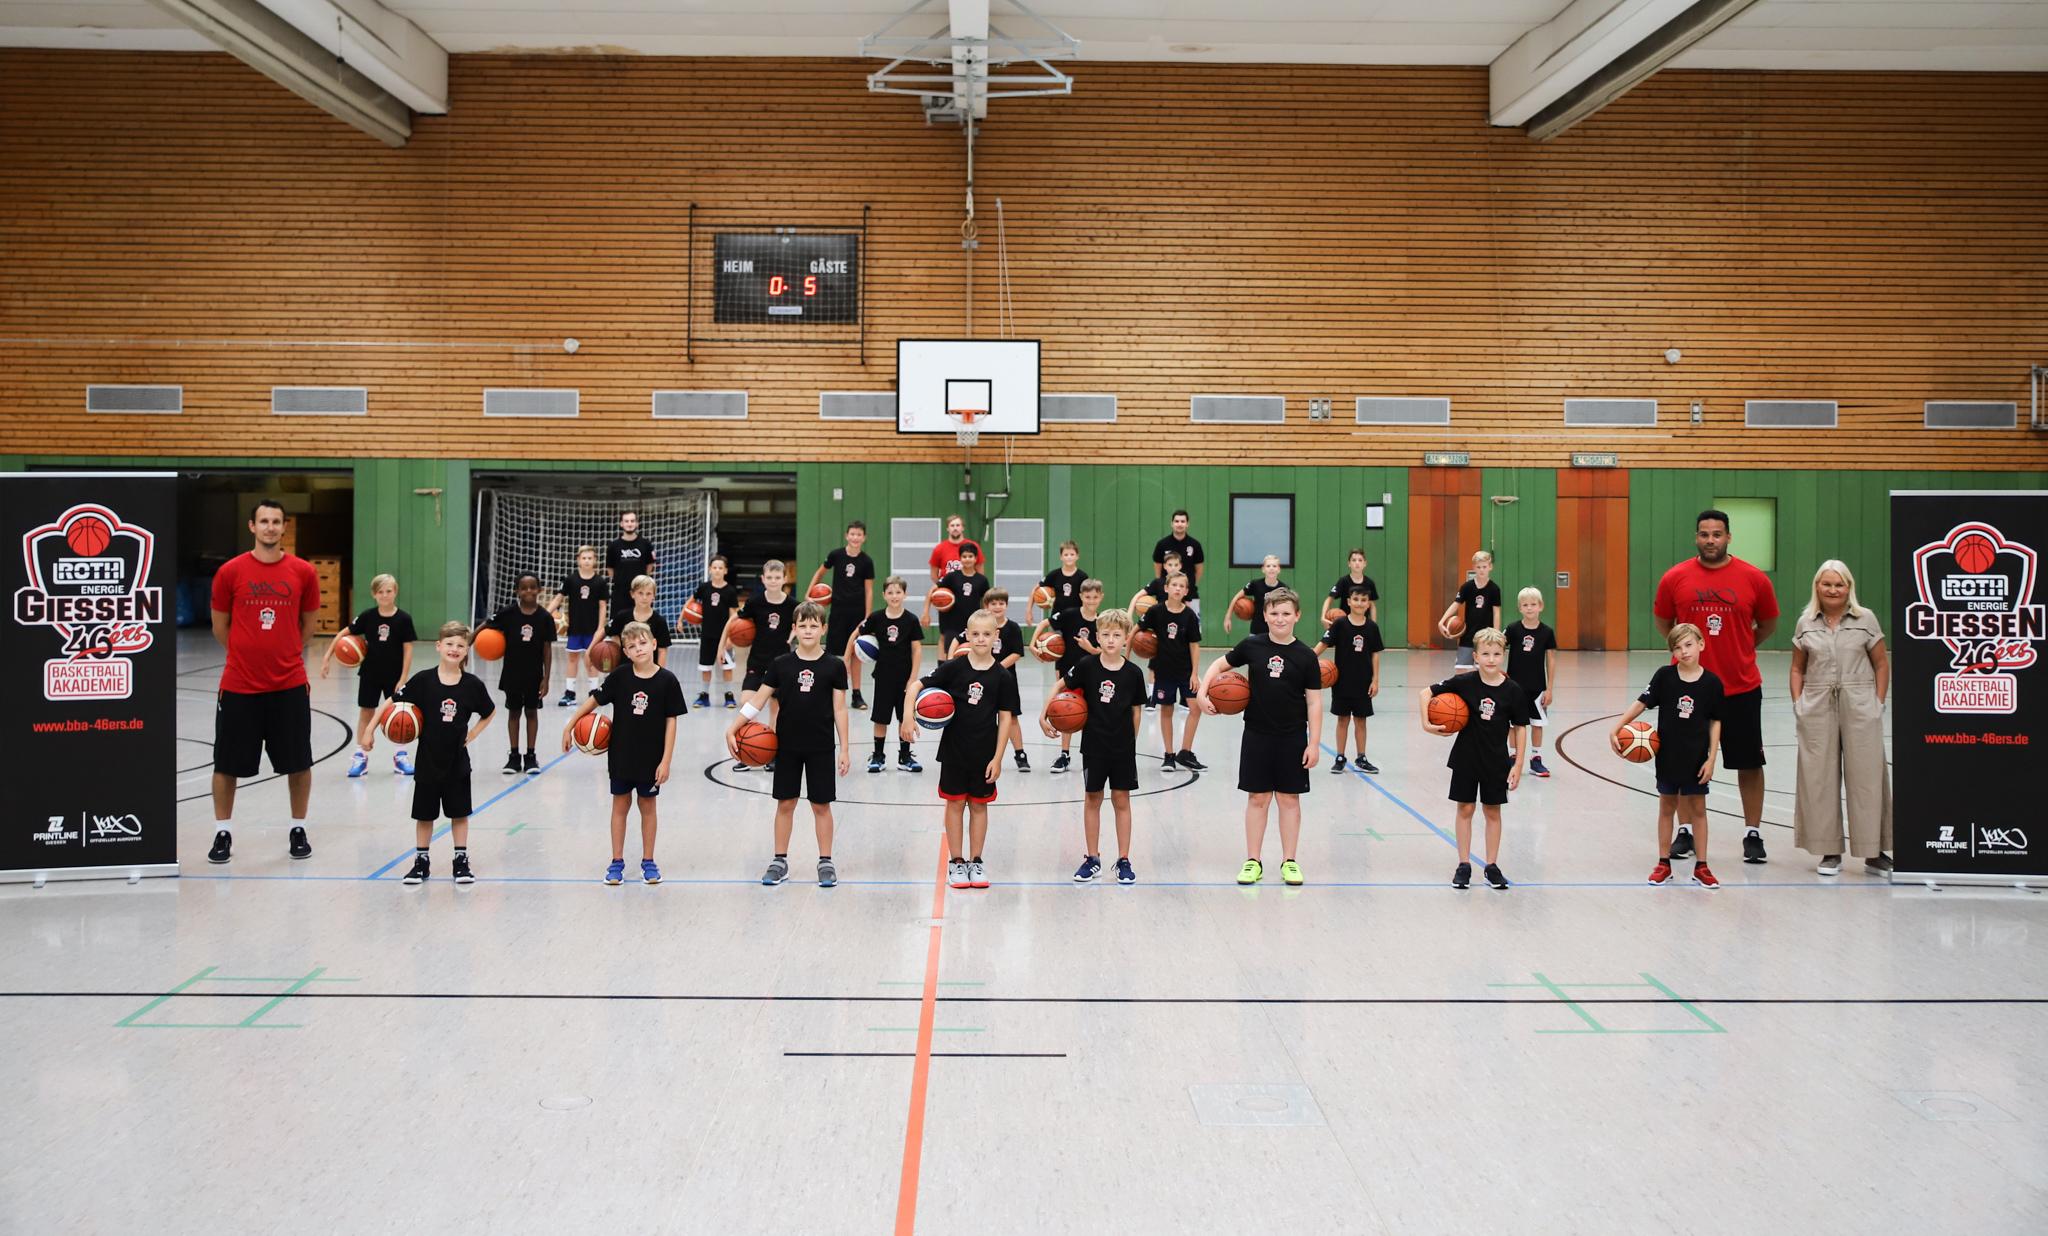 Kooperation ROTH Energie BBA GIESSEN 46ers, BBLZ Mittelhessen und ROTH Energie Gießen Pointers